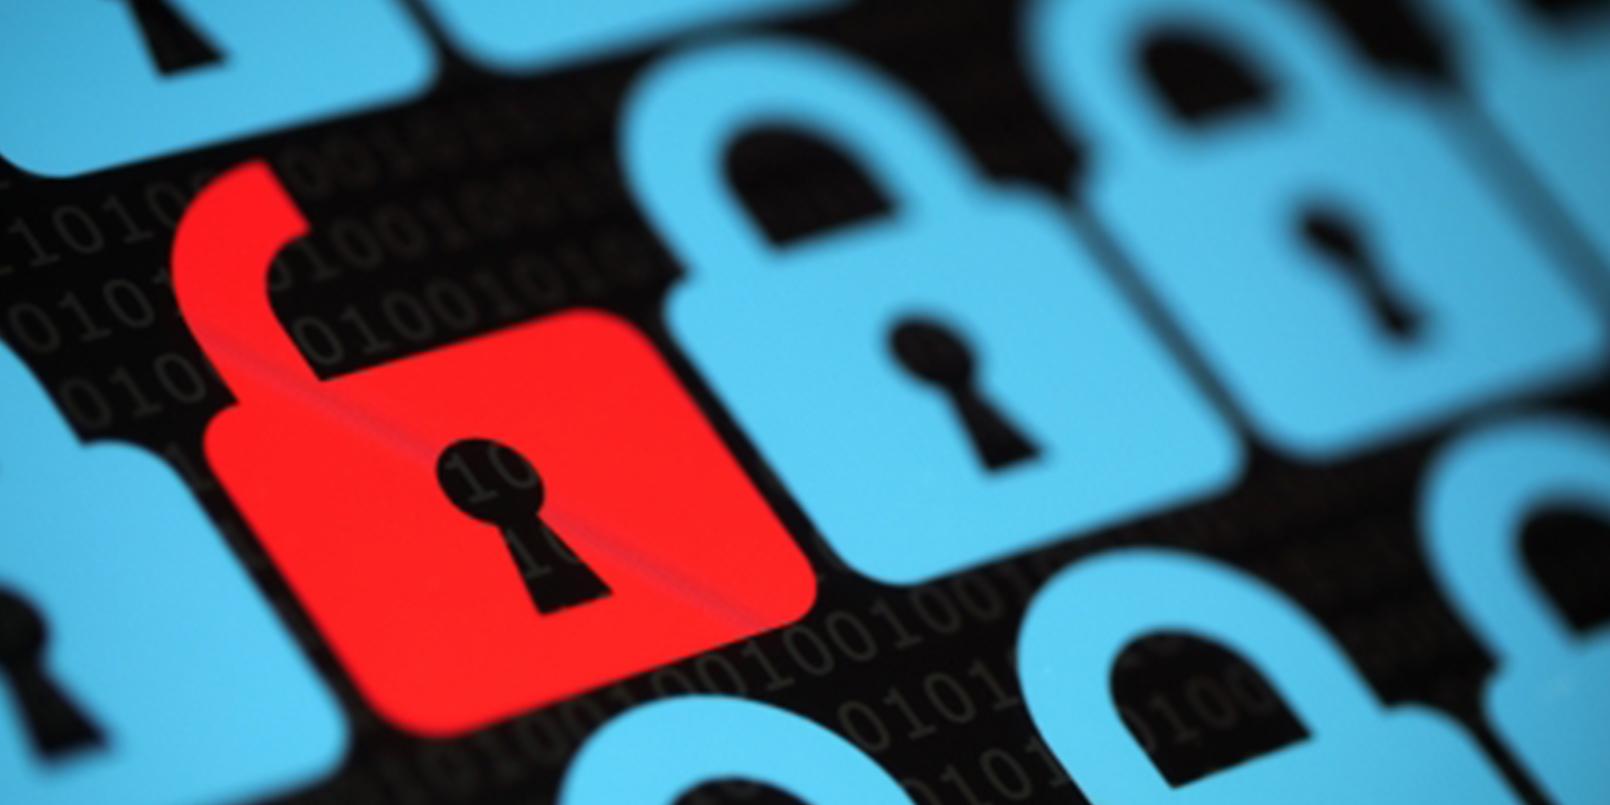 Las empresas afrontan multas de hasta el 4% de sus ventas por negligencia en la protección de datos | Sala de prensa Grupo Asesor ADADE y E-Consulting Global Group